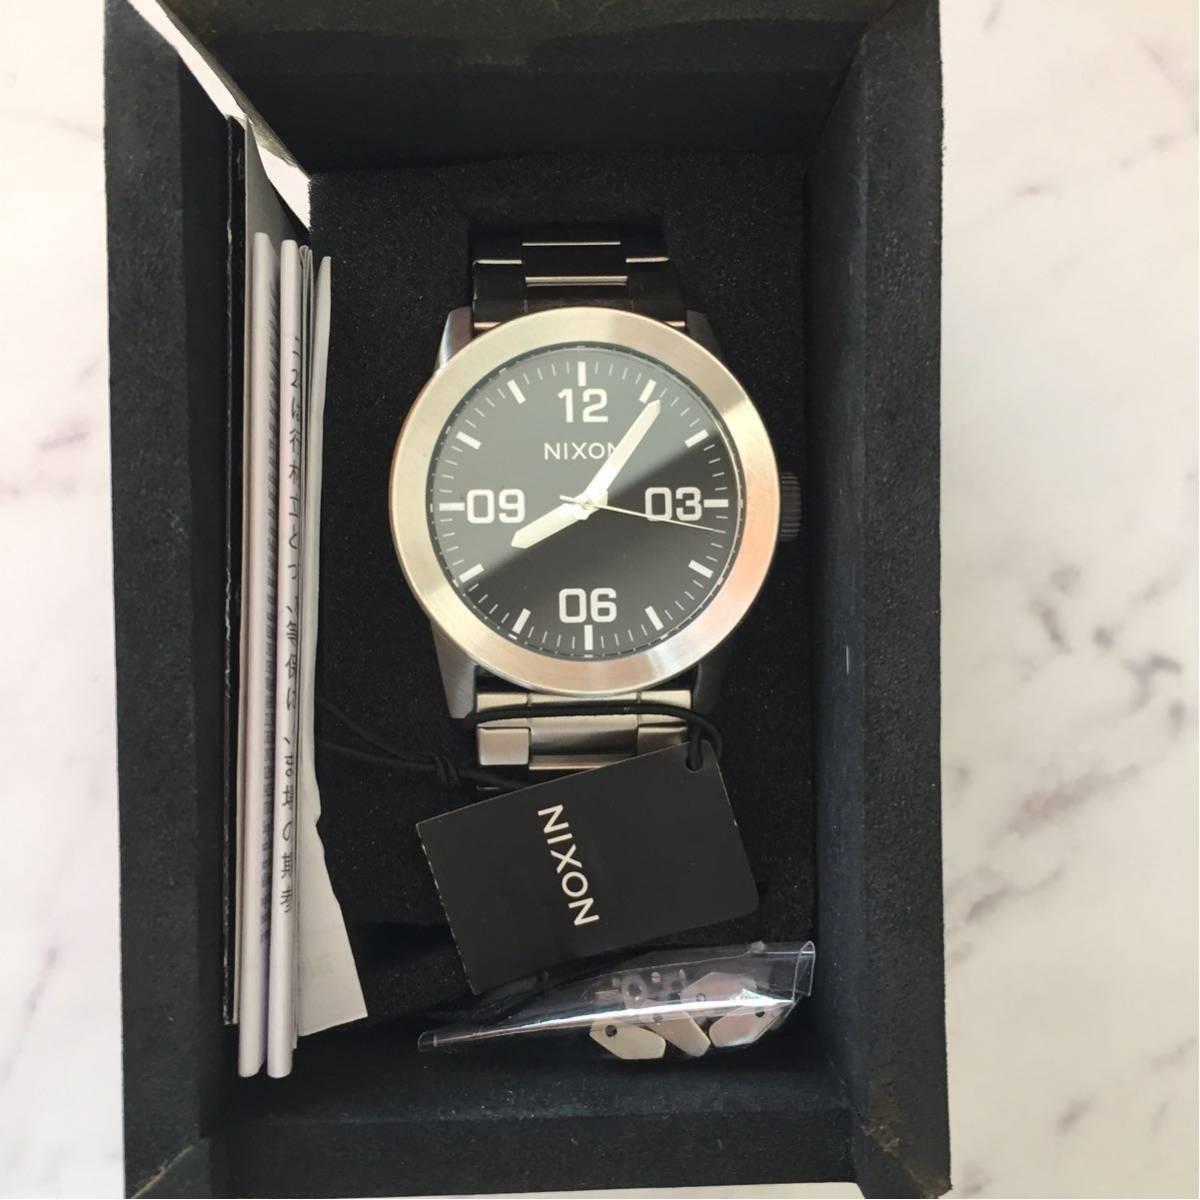 新品箱付き NIXON ニクソン 腕時計 PRIVATE プライベート A276-000 ブラック メタル A276000_画像2